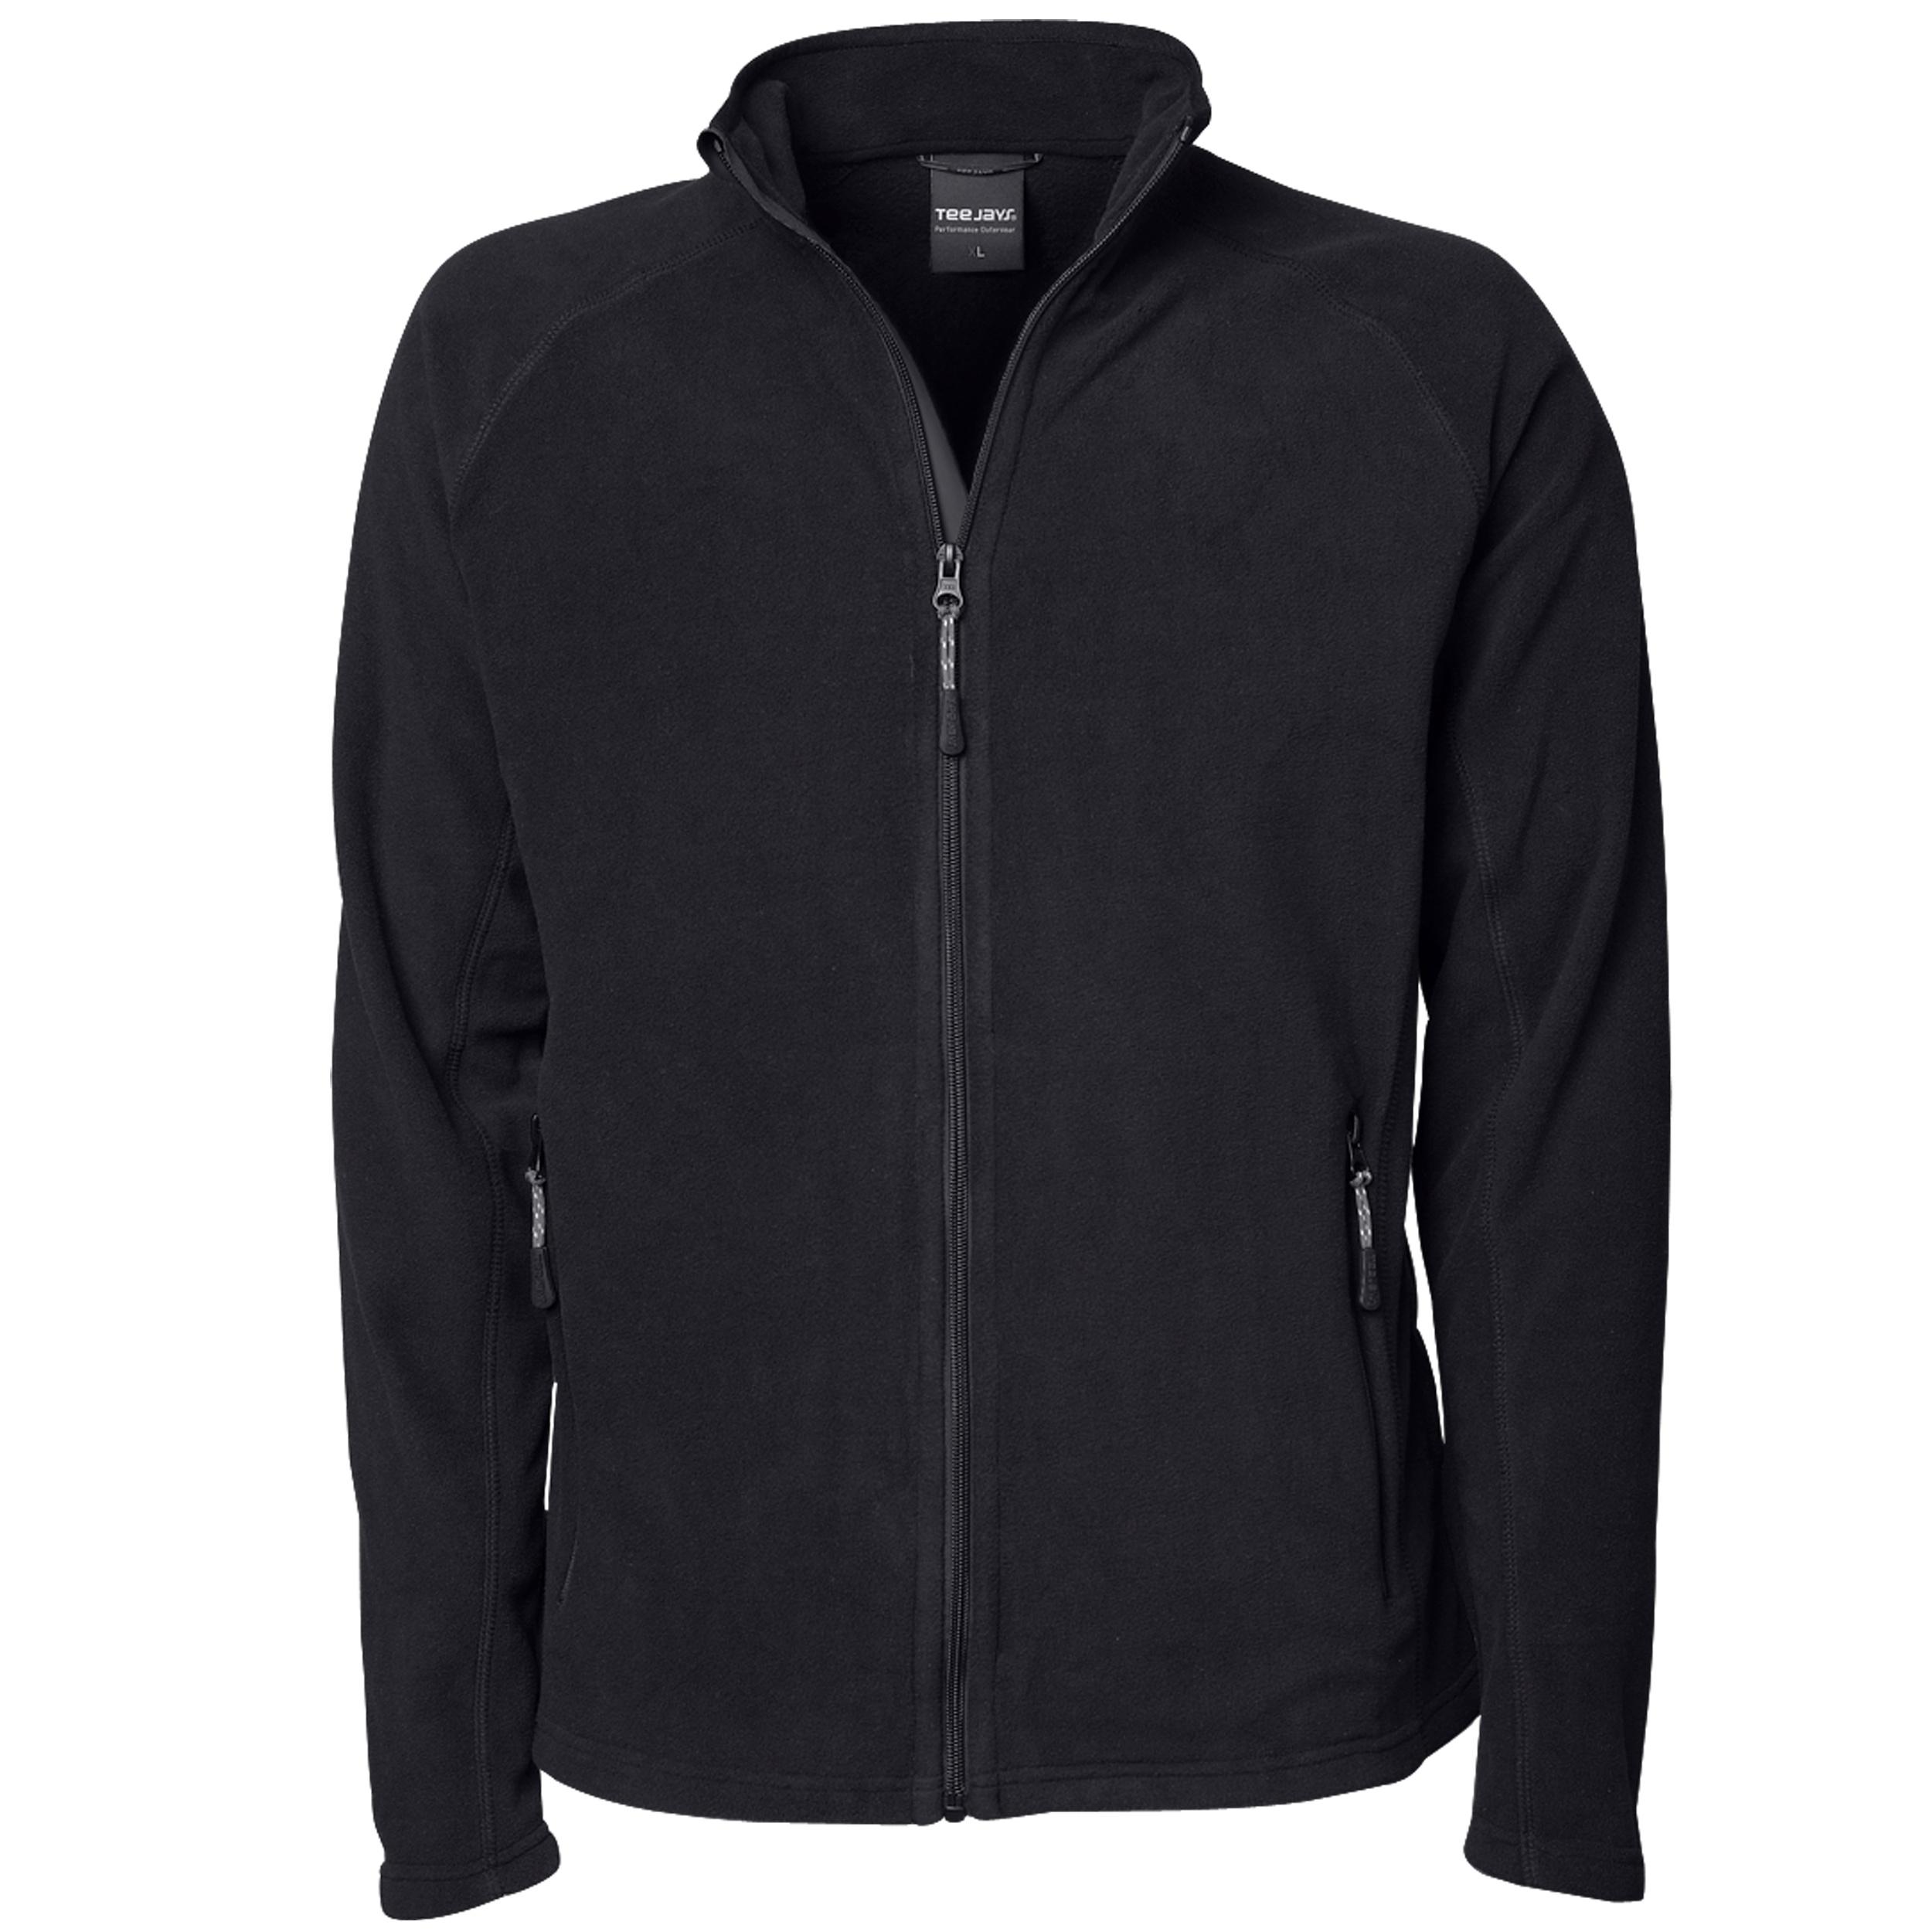 Tee Jays Mens Full Zip Active Lightweight Fleece Jacket (XL) (Black)